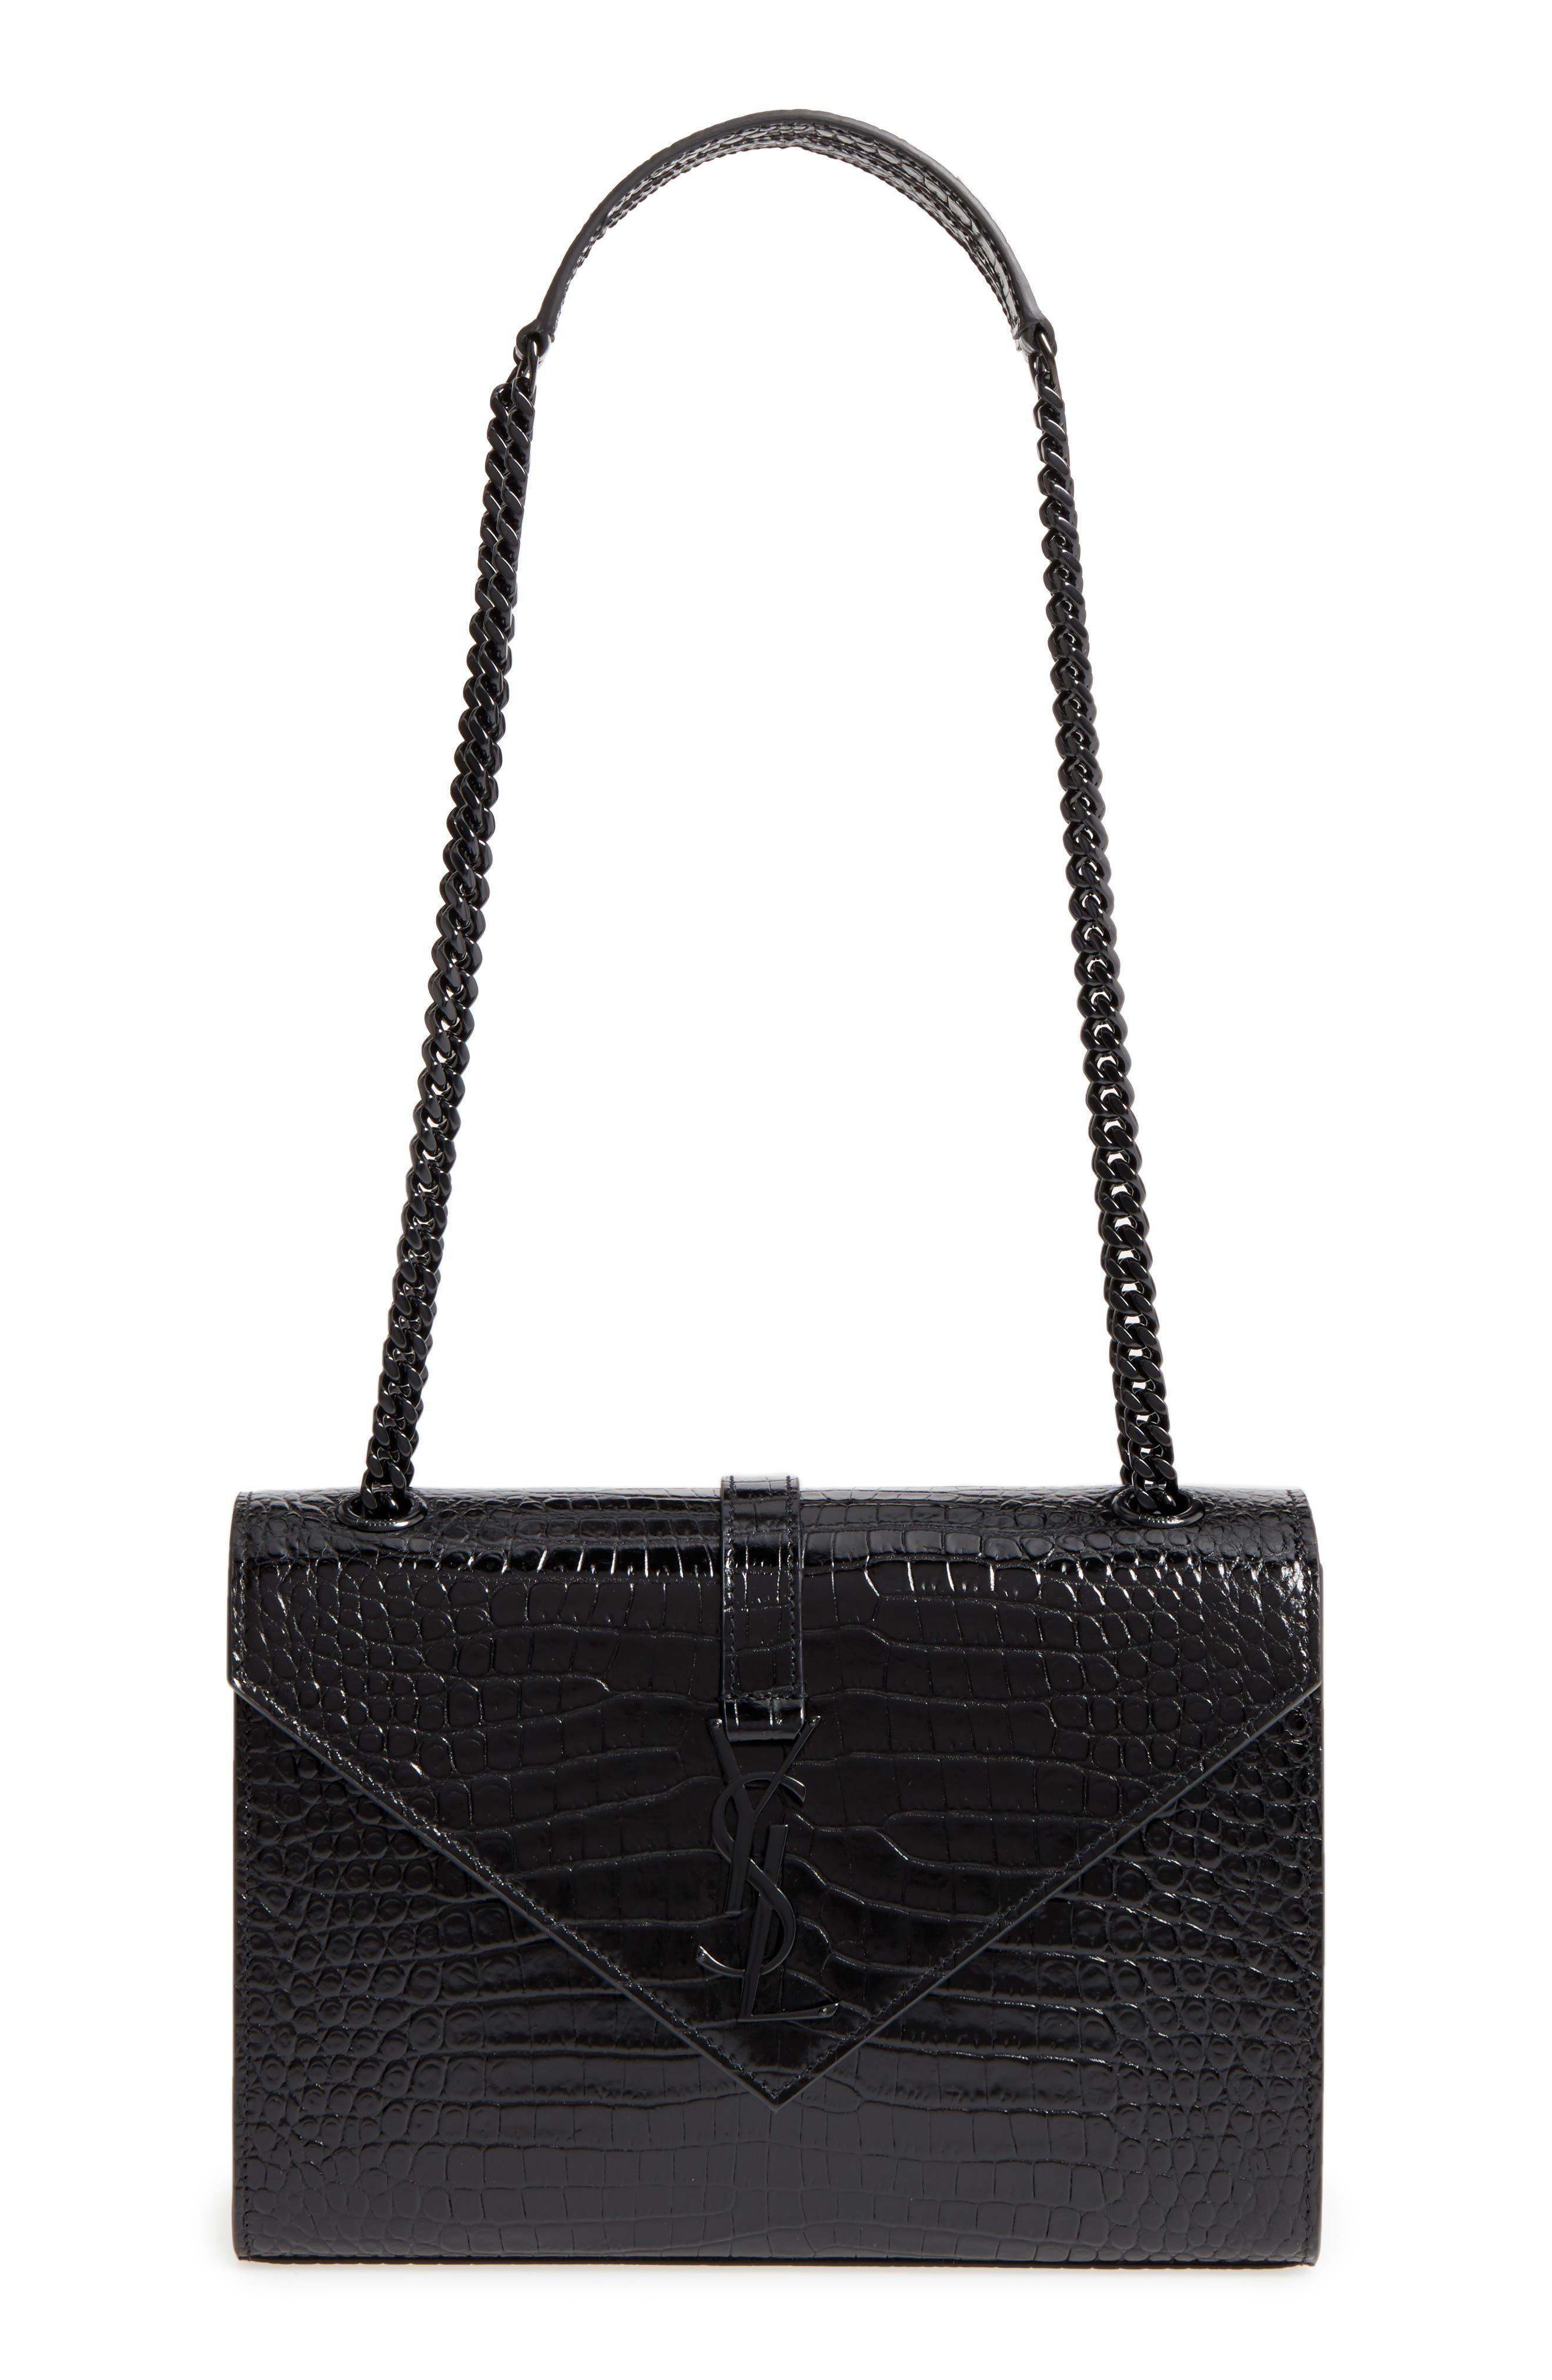 Medium Croc-Embossed Calfskin Shoulder Bag,                             Main thumbnail 1, color,                             Noir